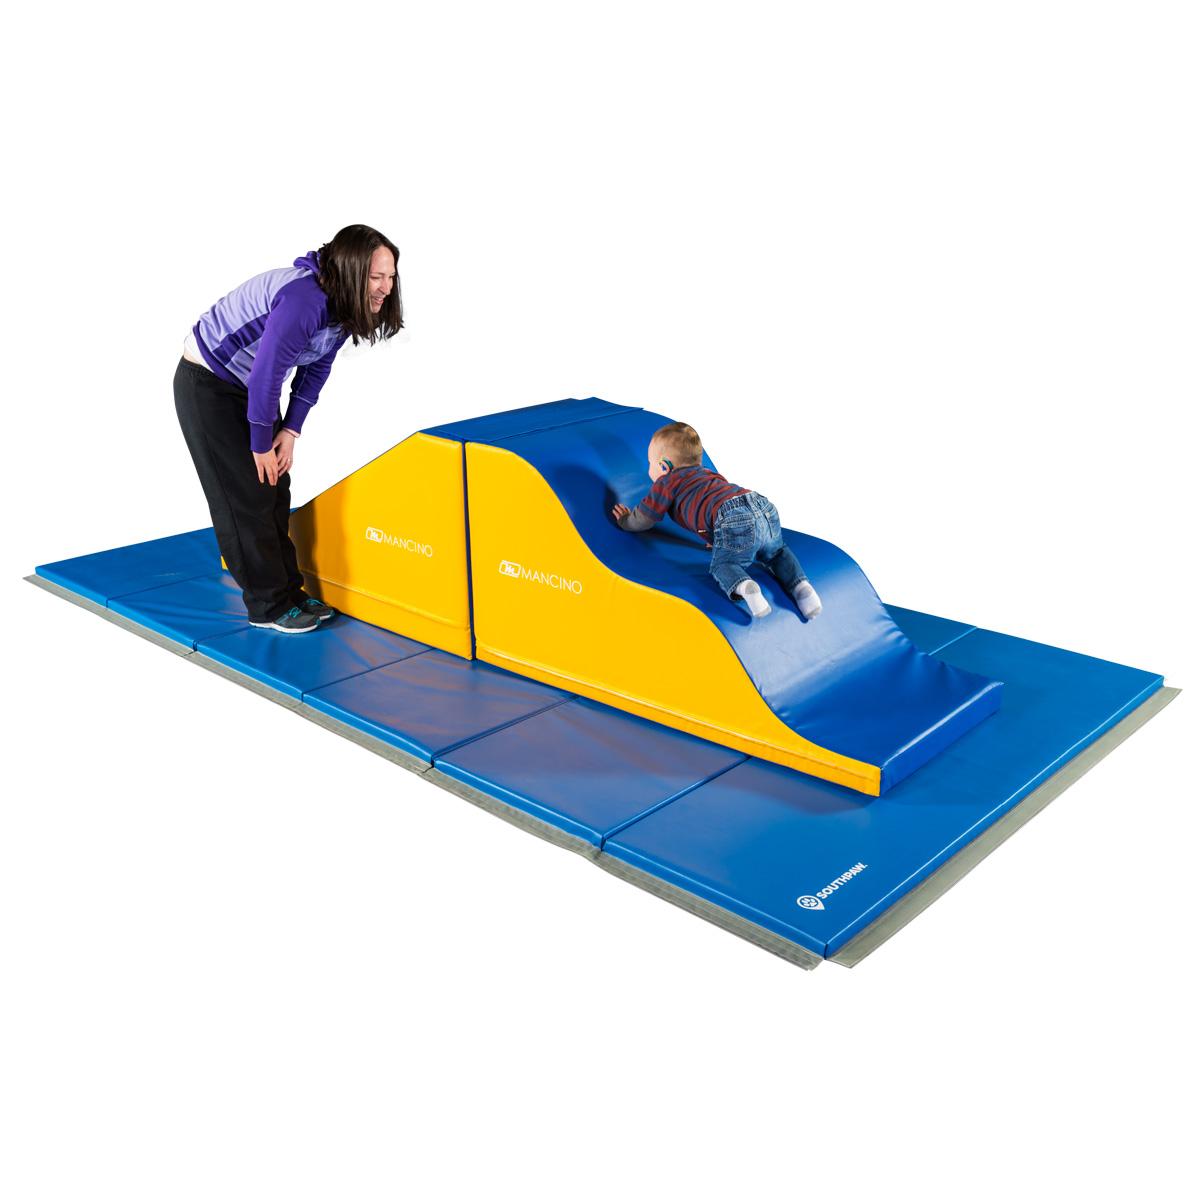 special needs toddler climbing mats